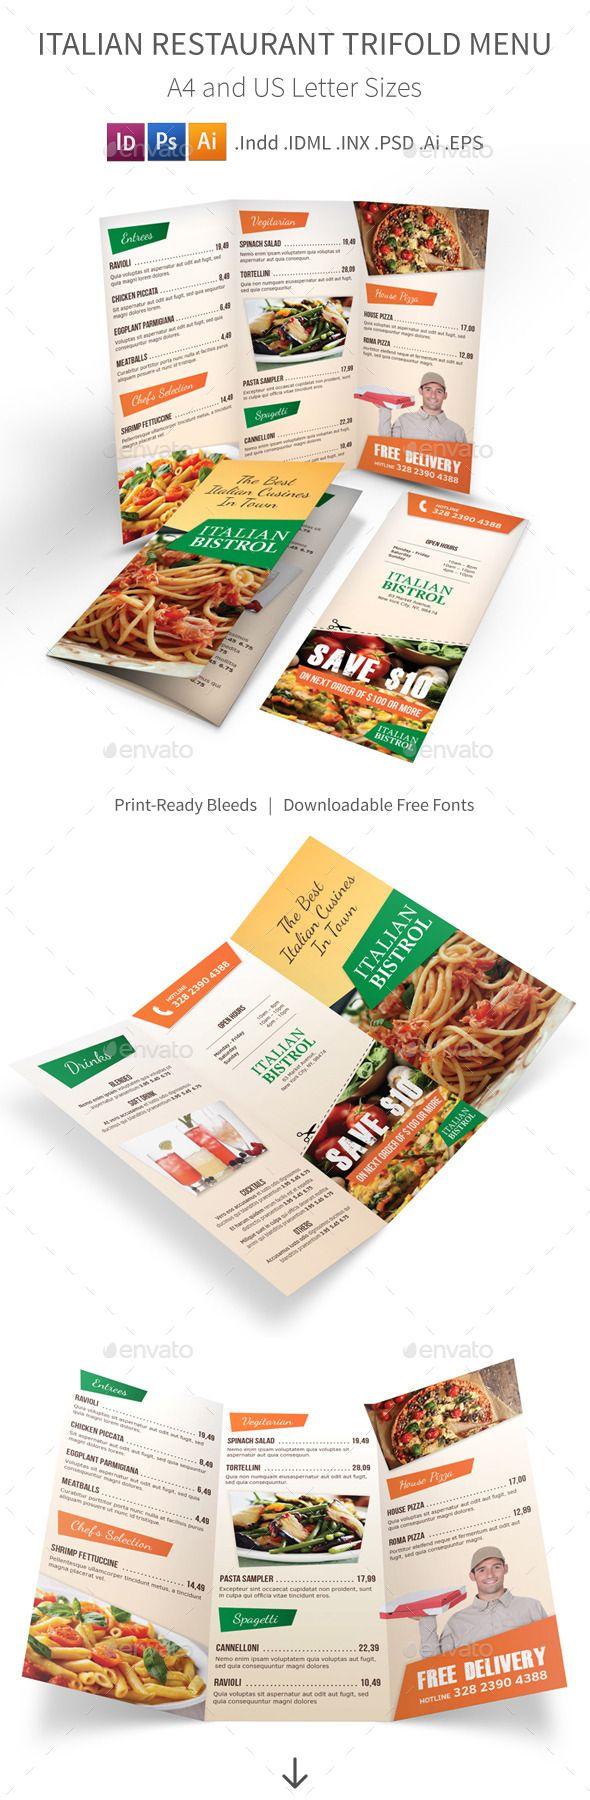 trifold menu template